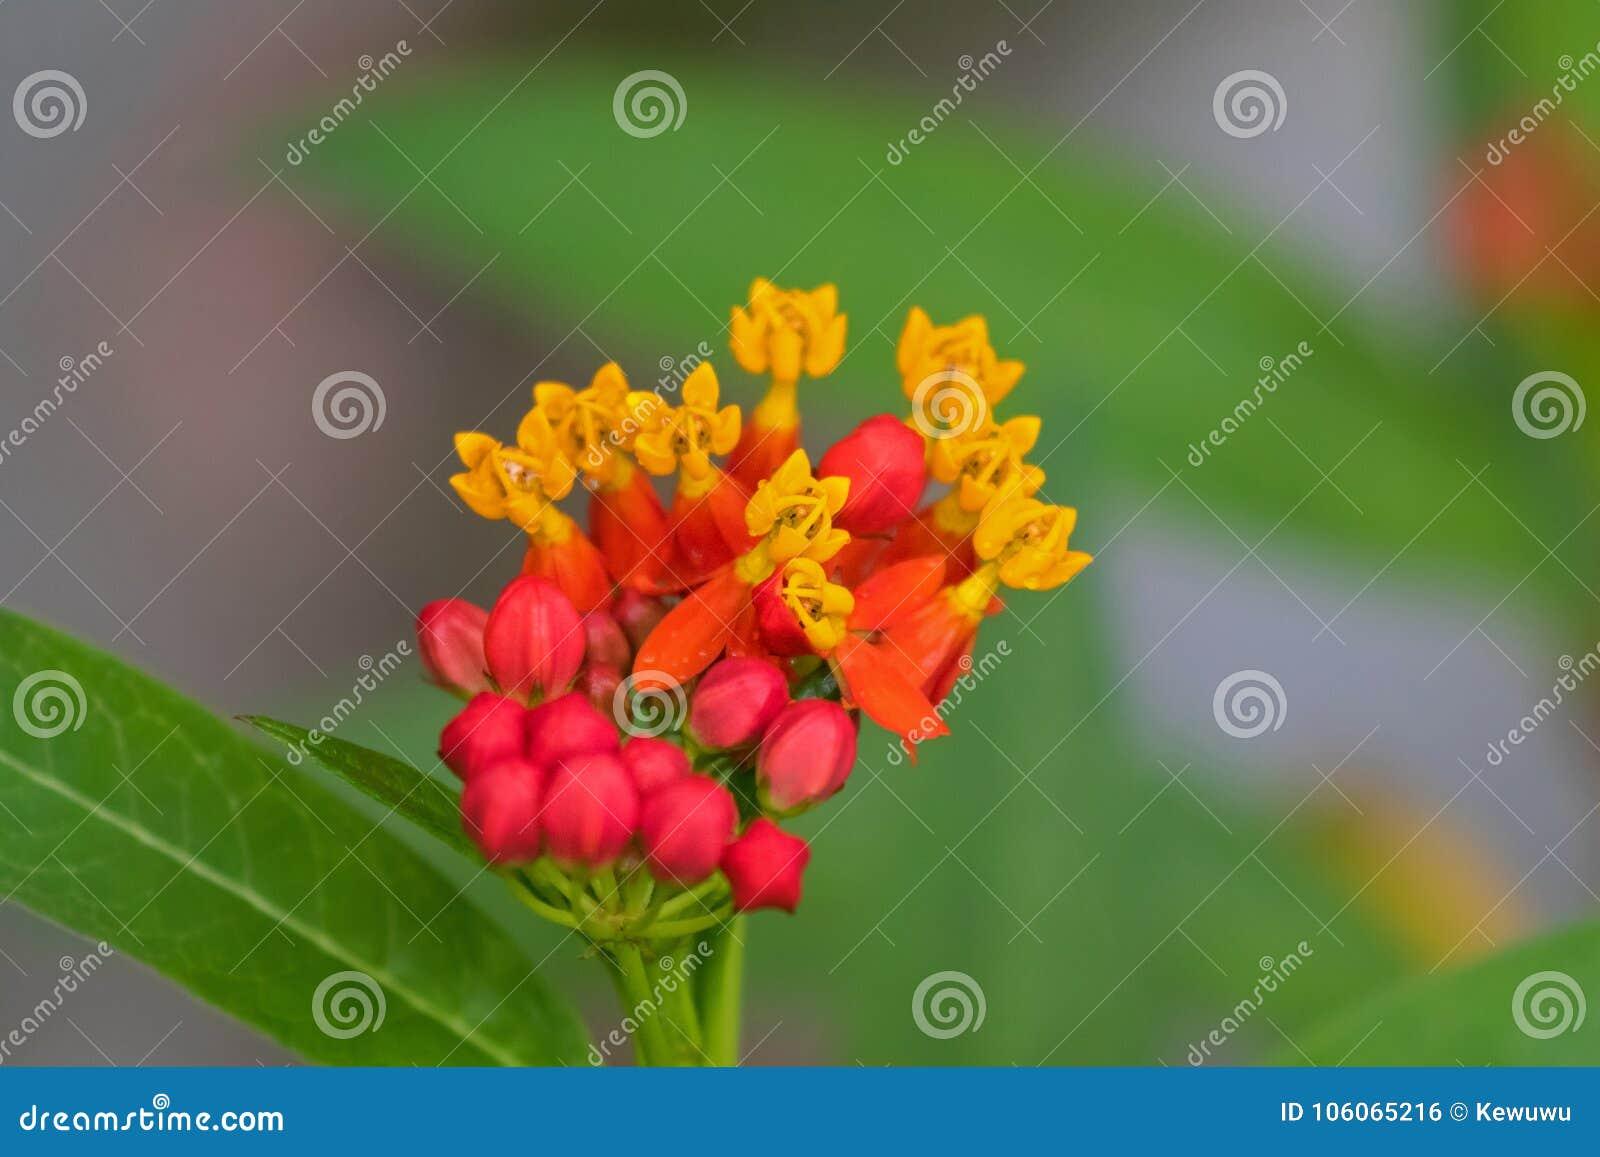 Nahaufnahme tropische Milkweedblume im gelben roten rosa bloodflower